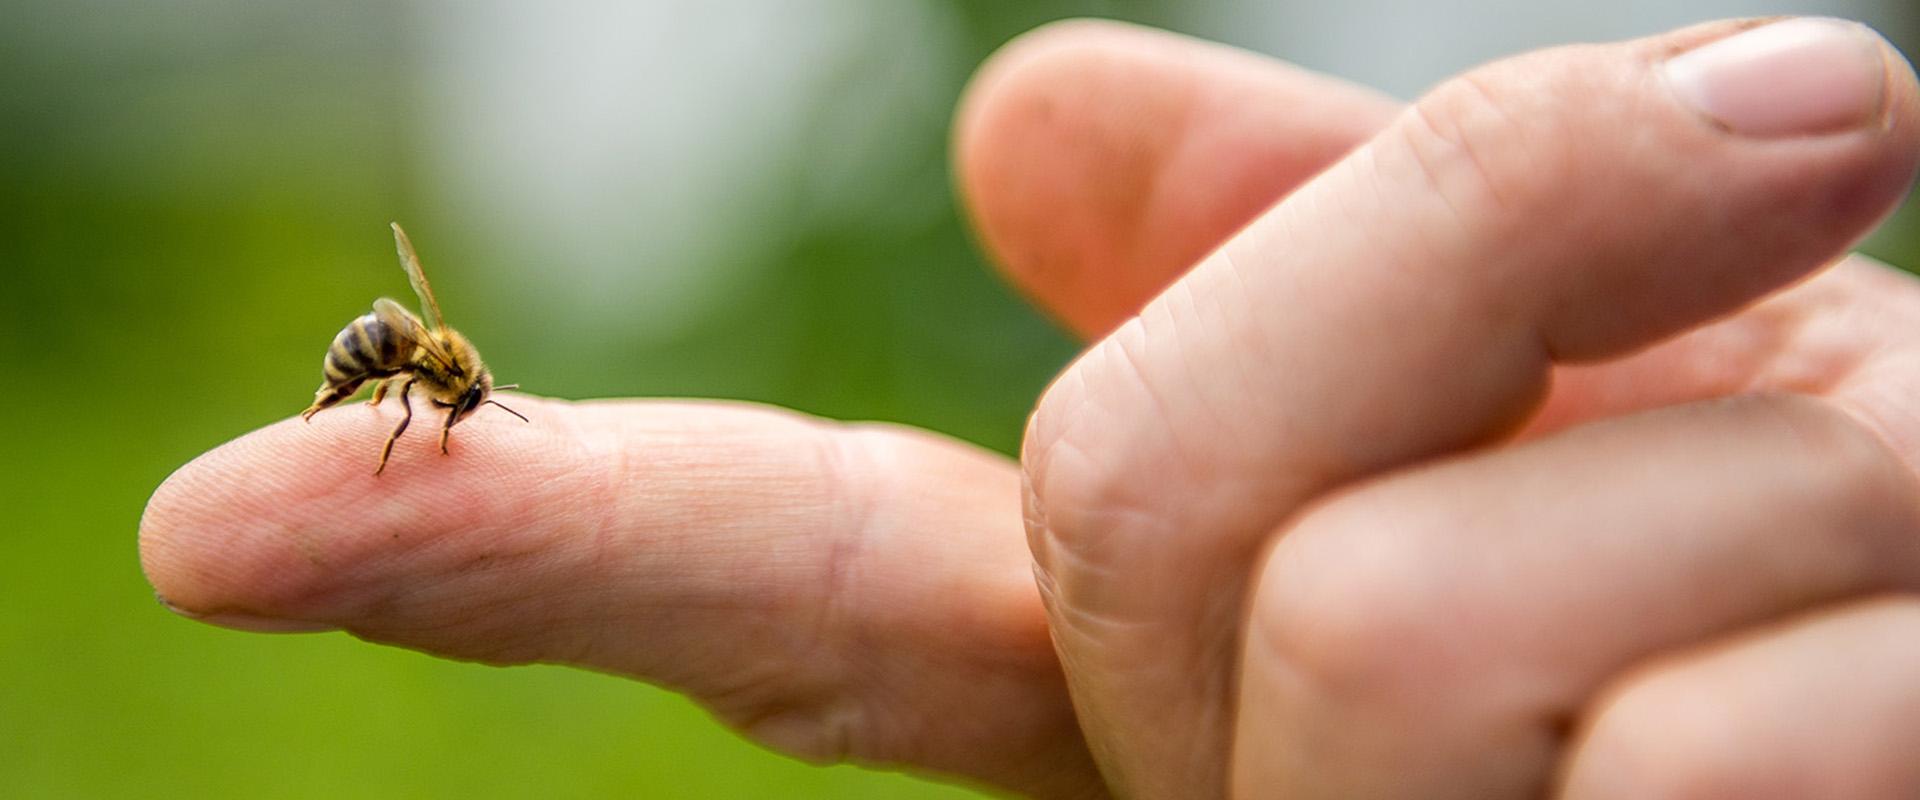 Remegés a testben, magas vérnyomás esetén A magas vérnyomás tünetei - Jellemző panaszok